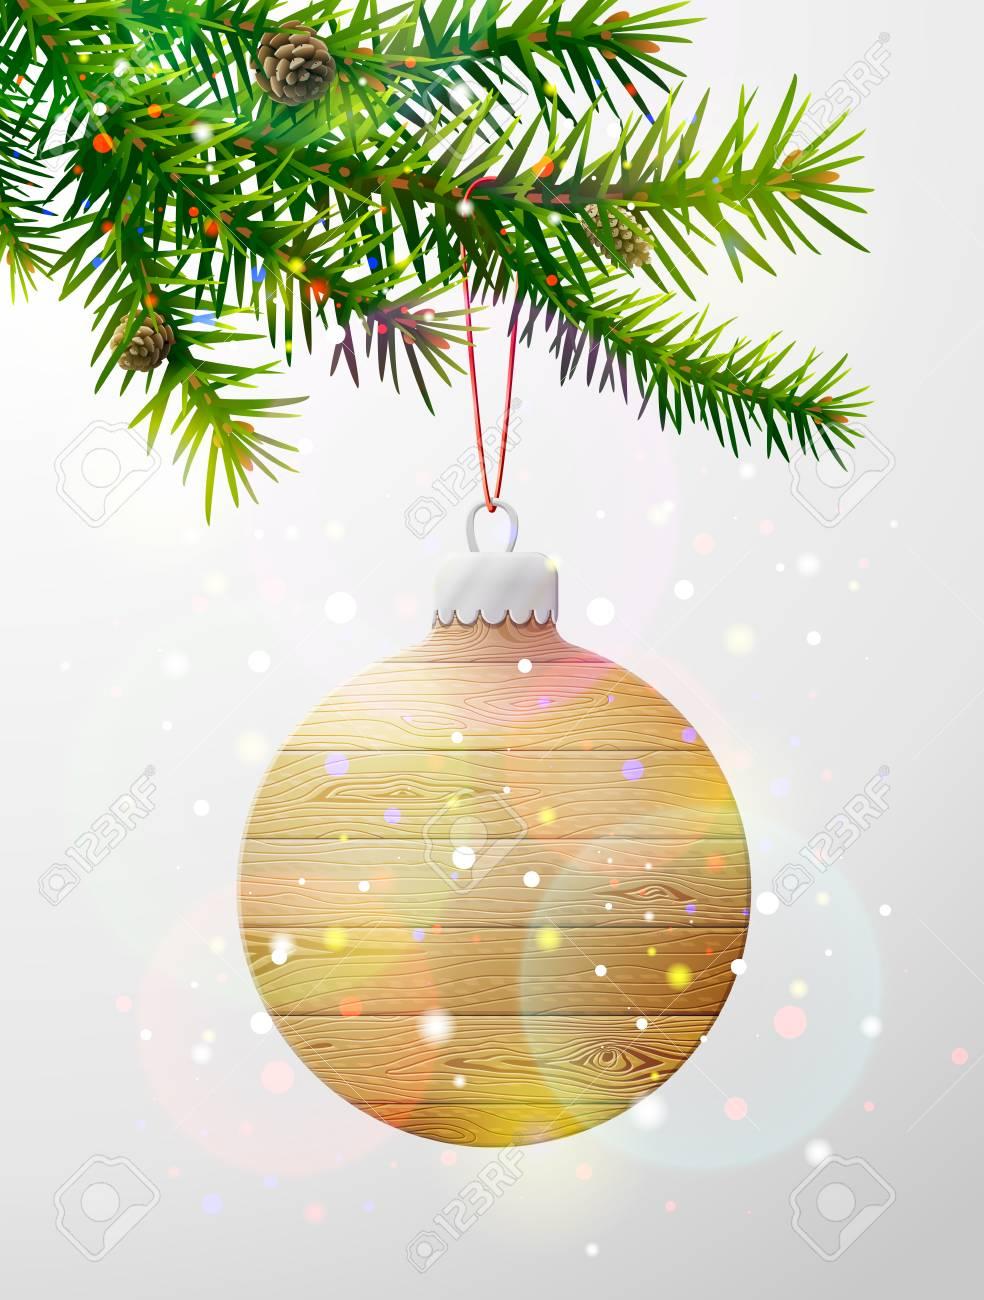 Sapin De Noel Suspendu En Bois branche d'arbre de noël avec boule décorative de bois. boule de sapin de  noël en bois suspendu à une brindille de pin. image vectorielle pour noël,